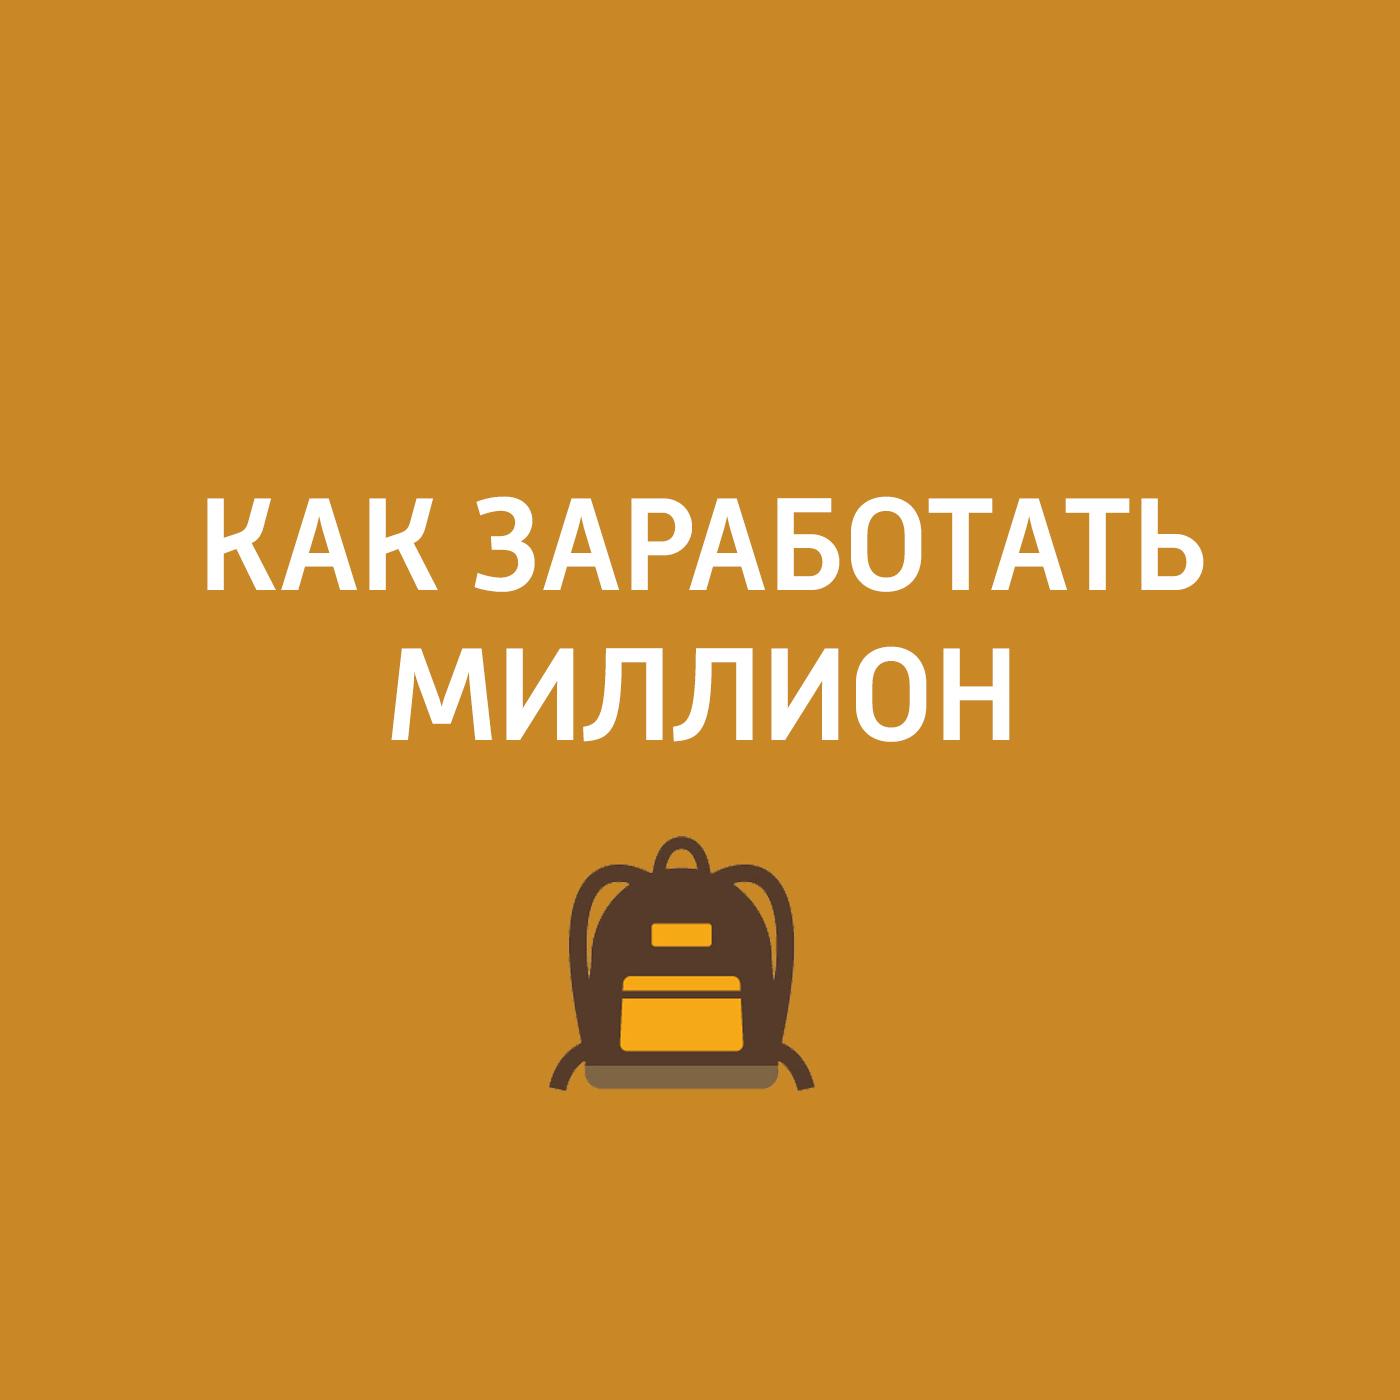 Творческий коллектив шоу «Сергей Стиллавин и его друзья» Лесная диковинка